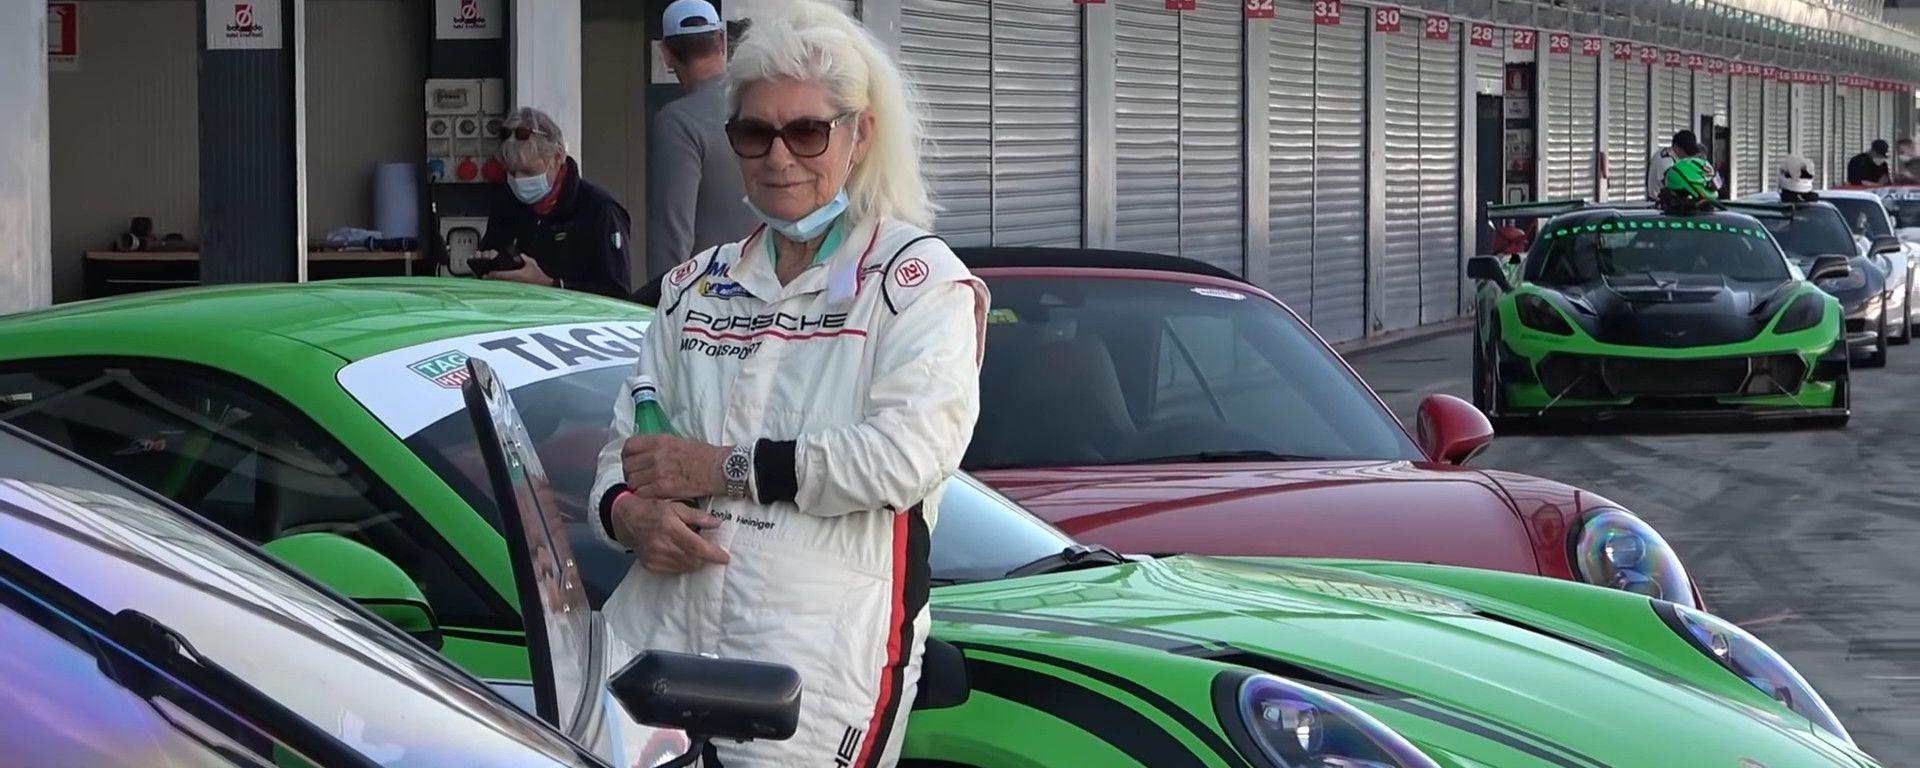 Lady Porsche nella pitlane di Monza